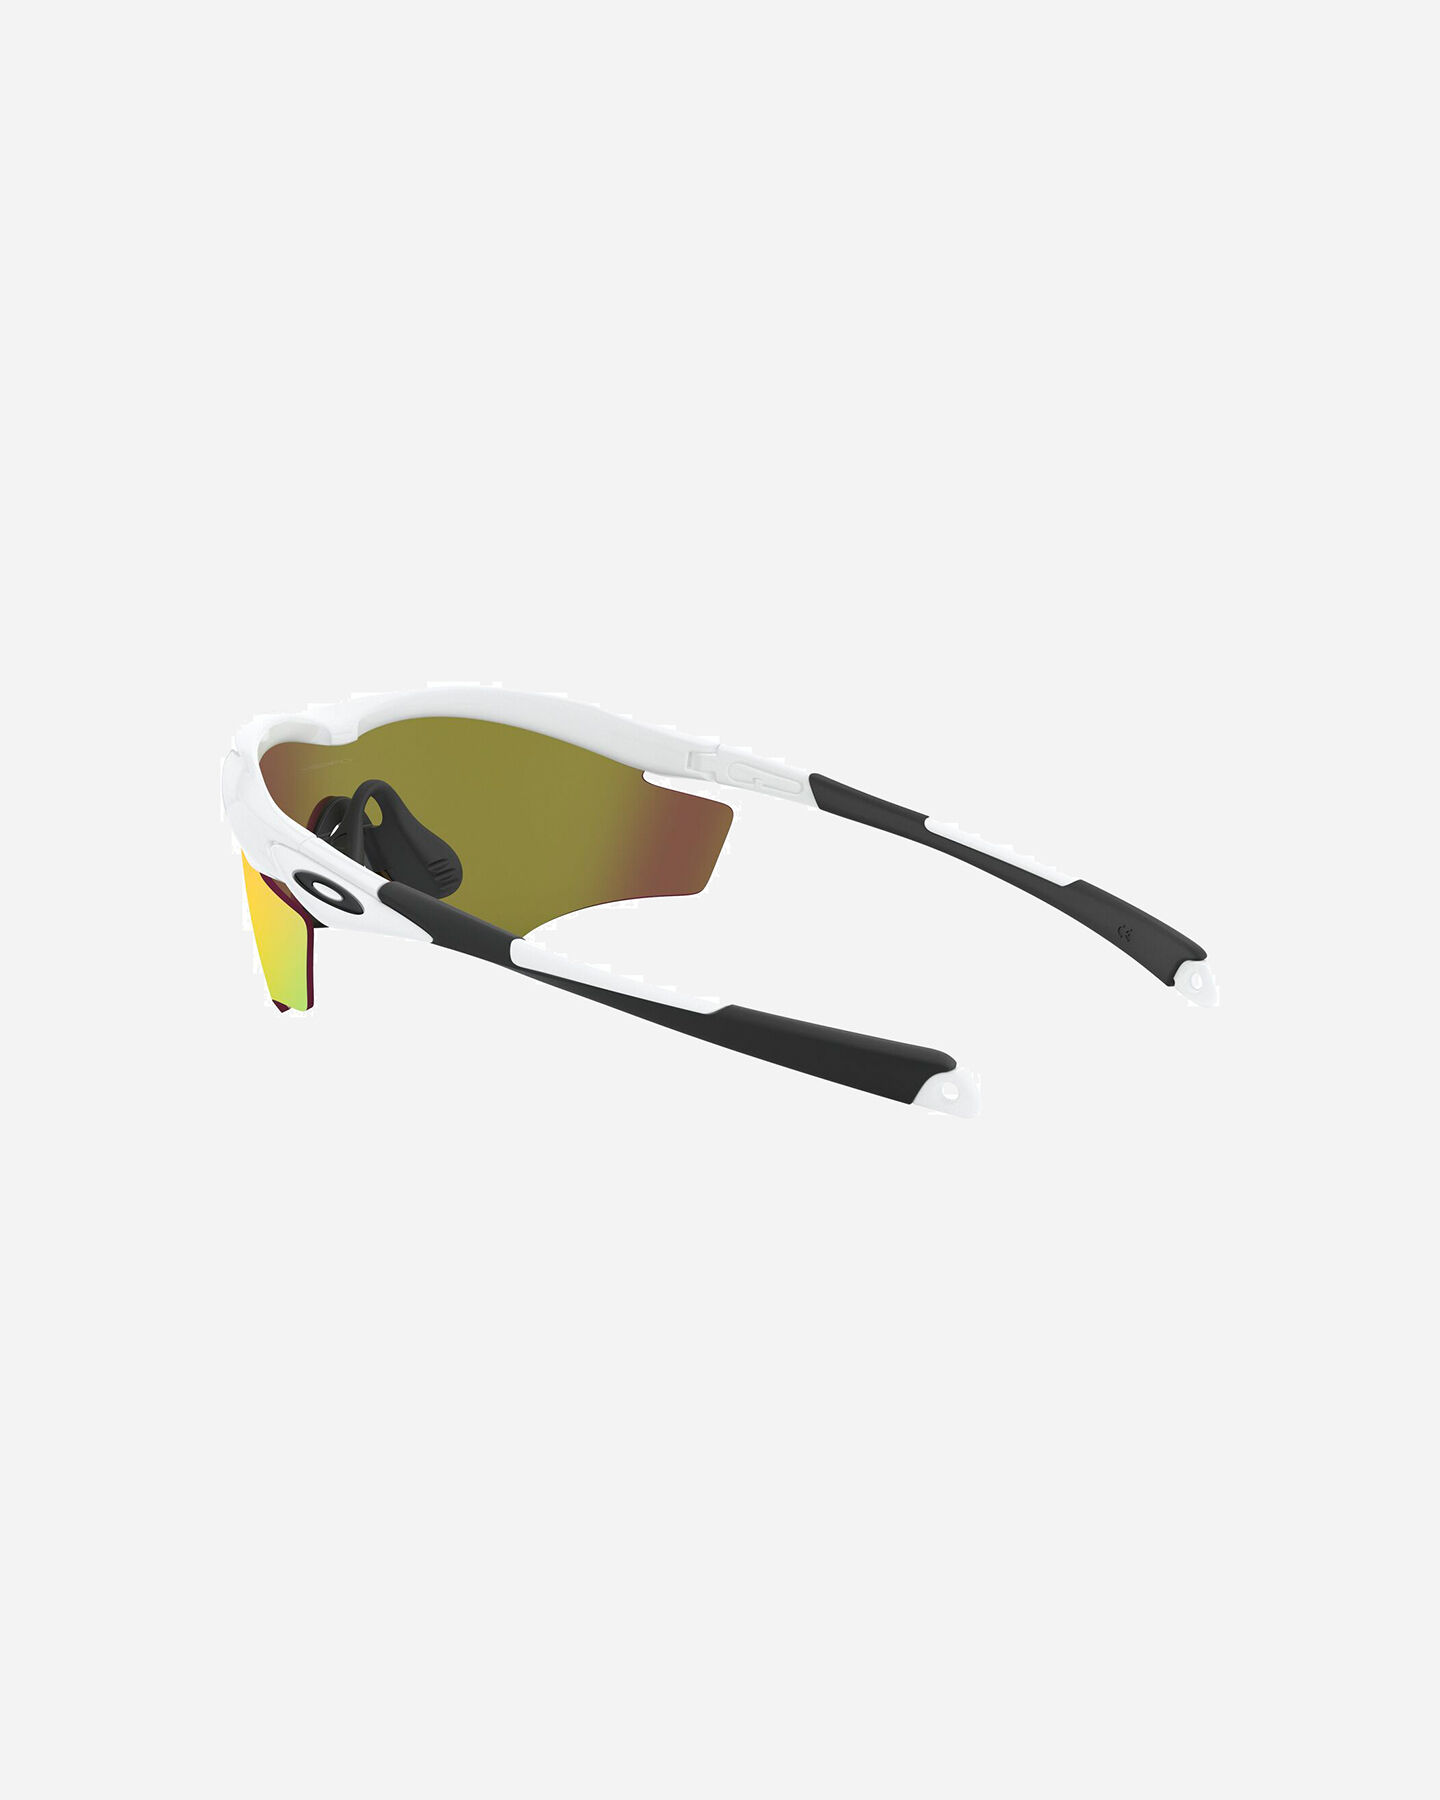 Occhiali OAKLEY M2 FRAME XL S1313248|9999|UNI scatto 4